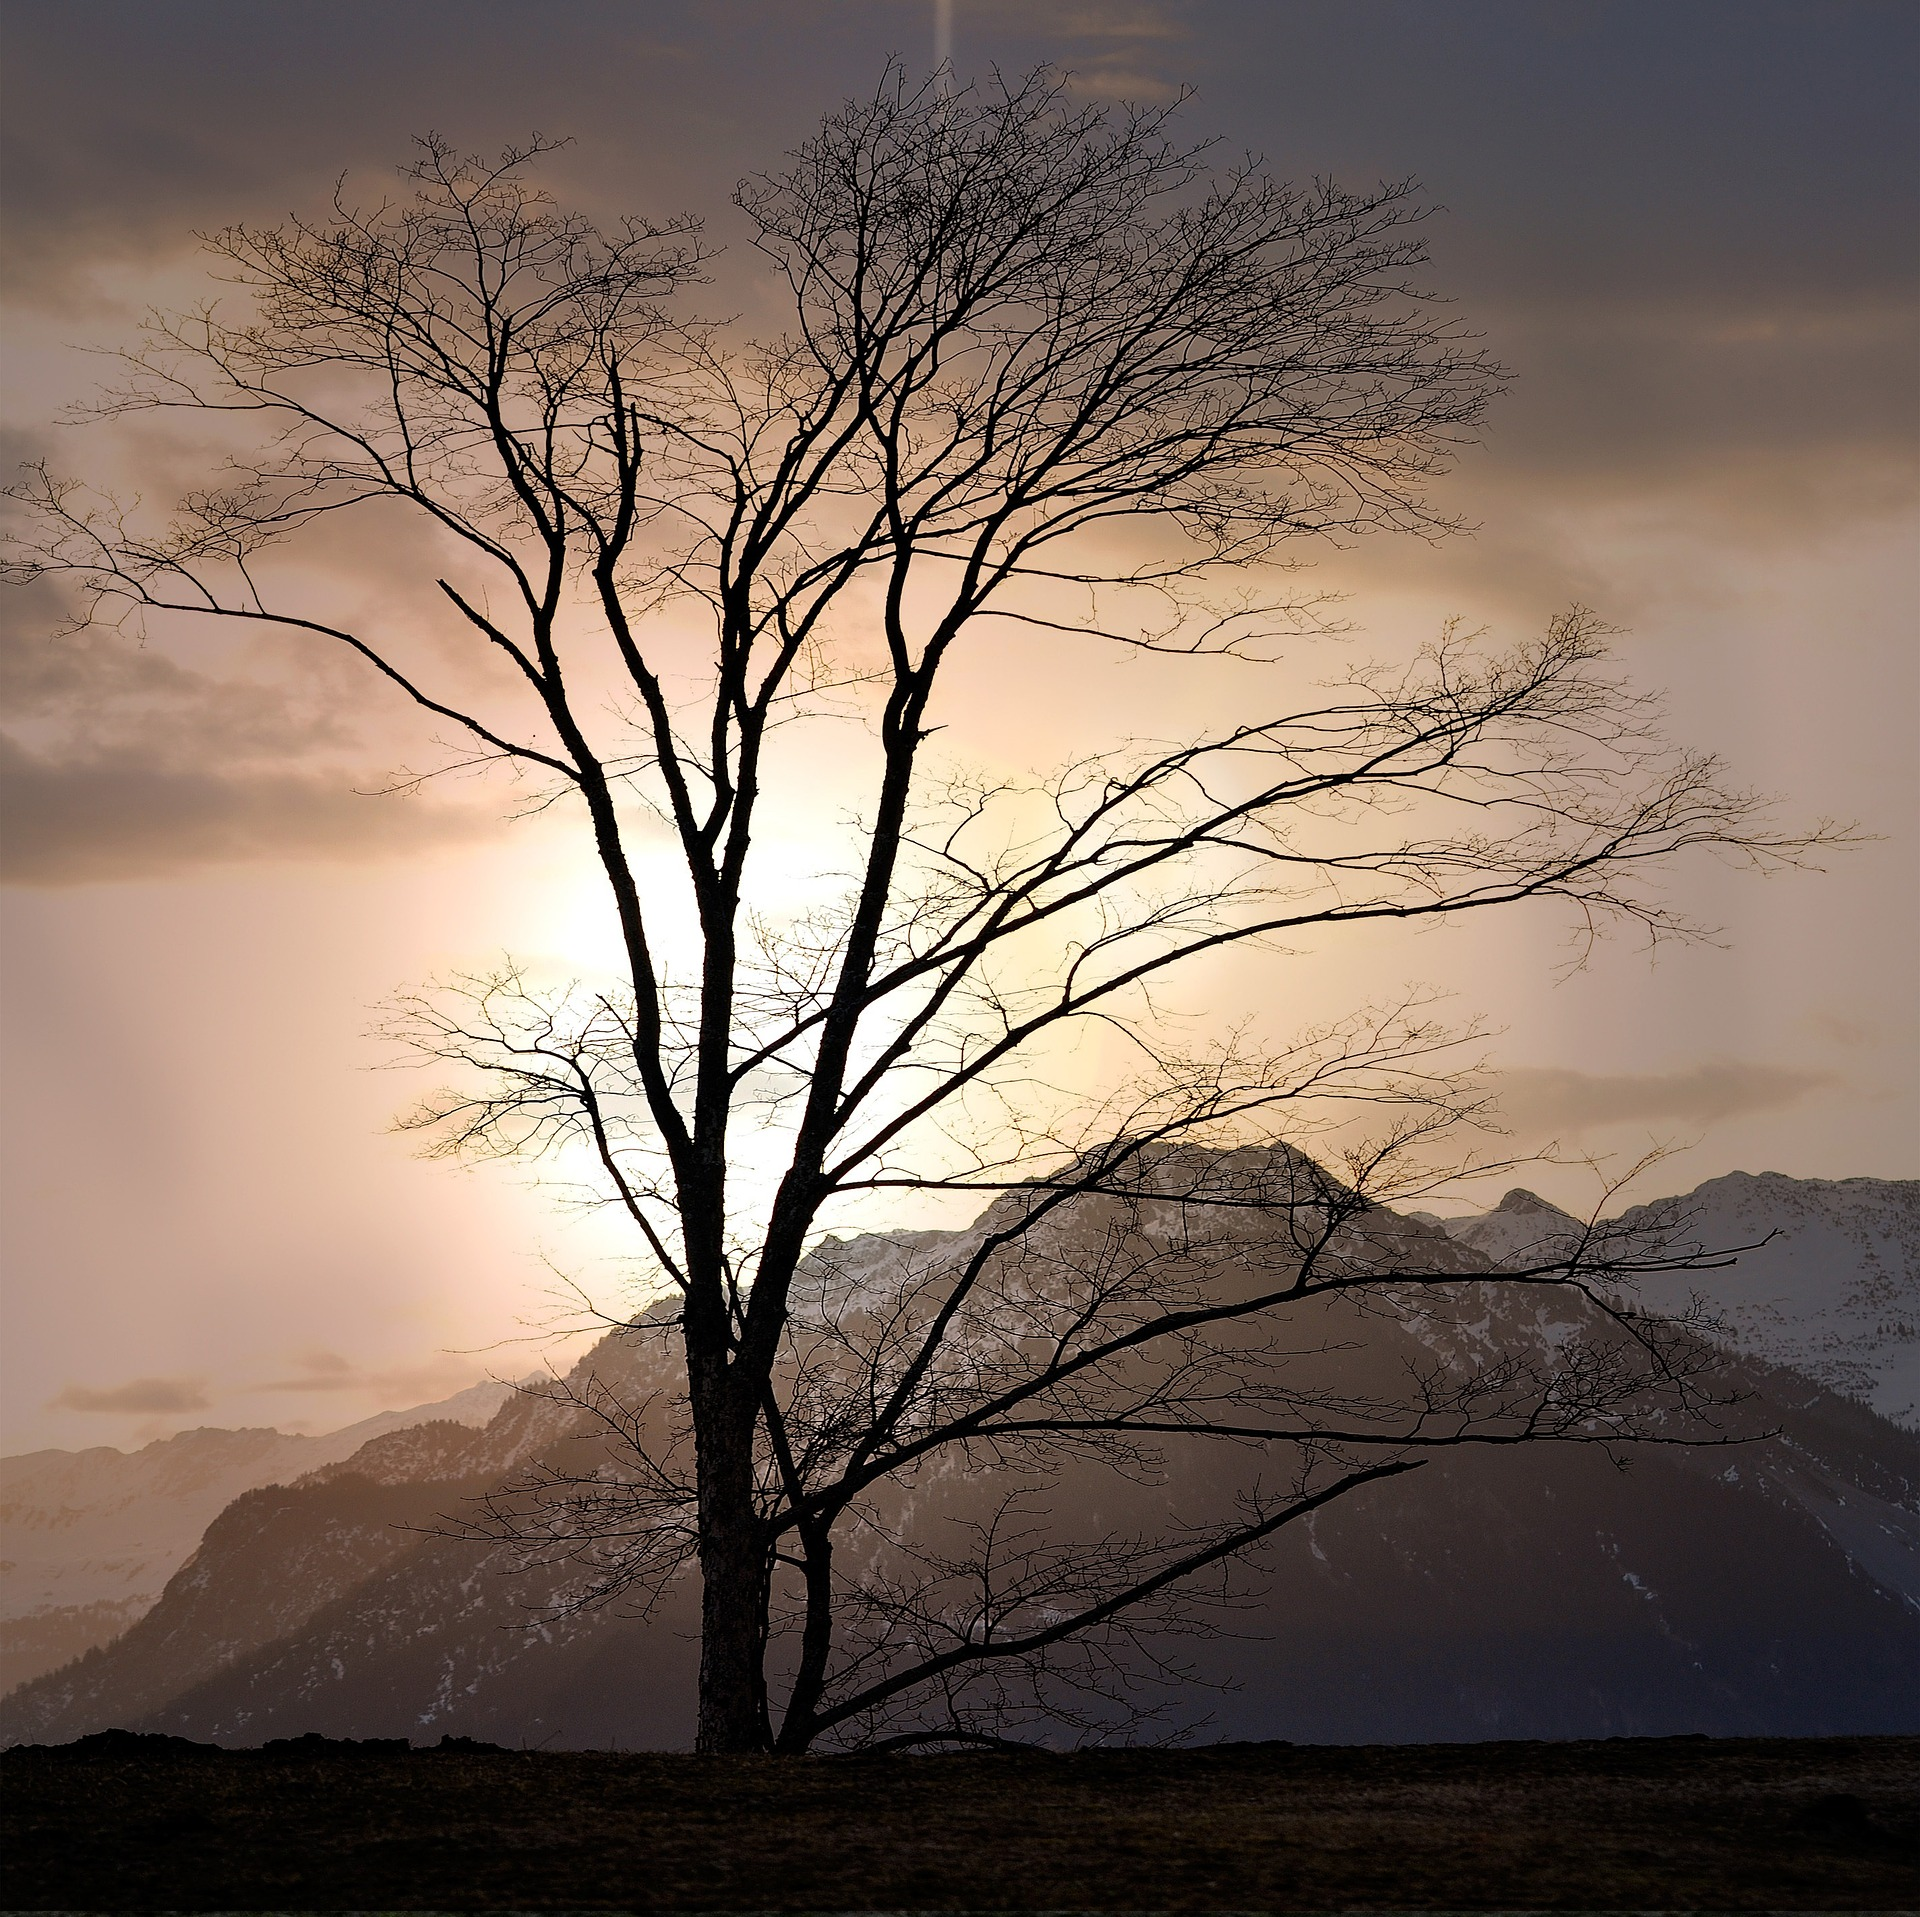 landscape-696550_1920